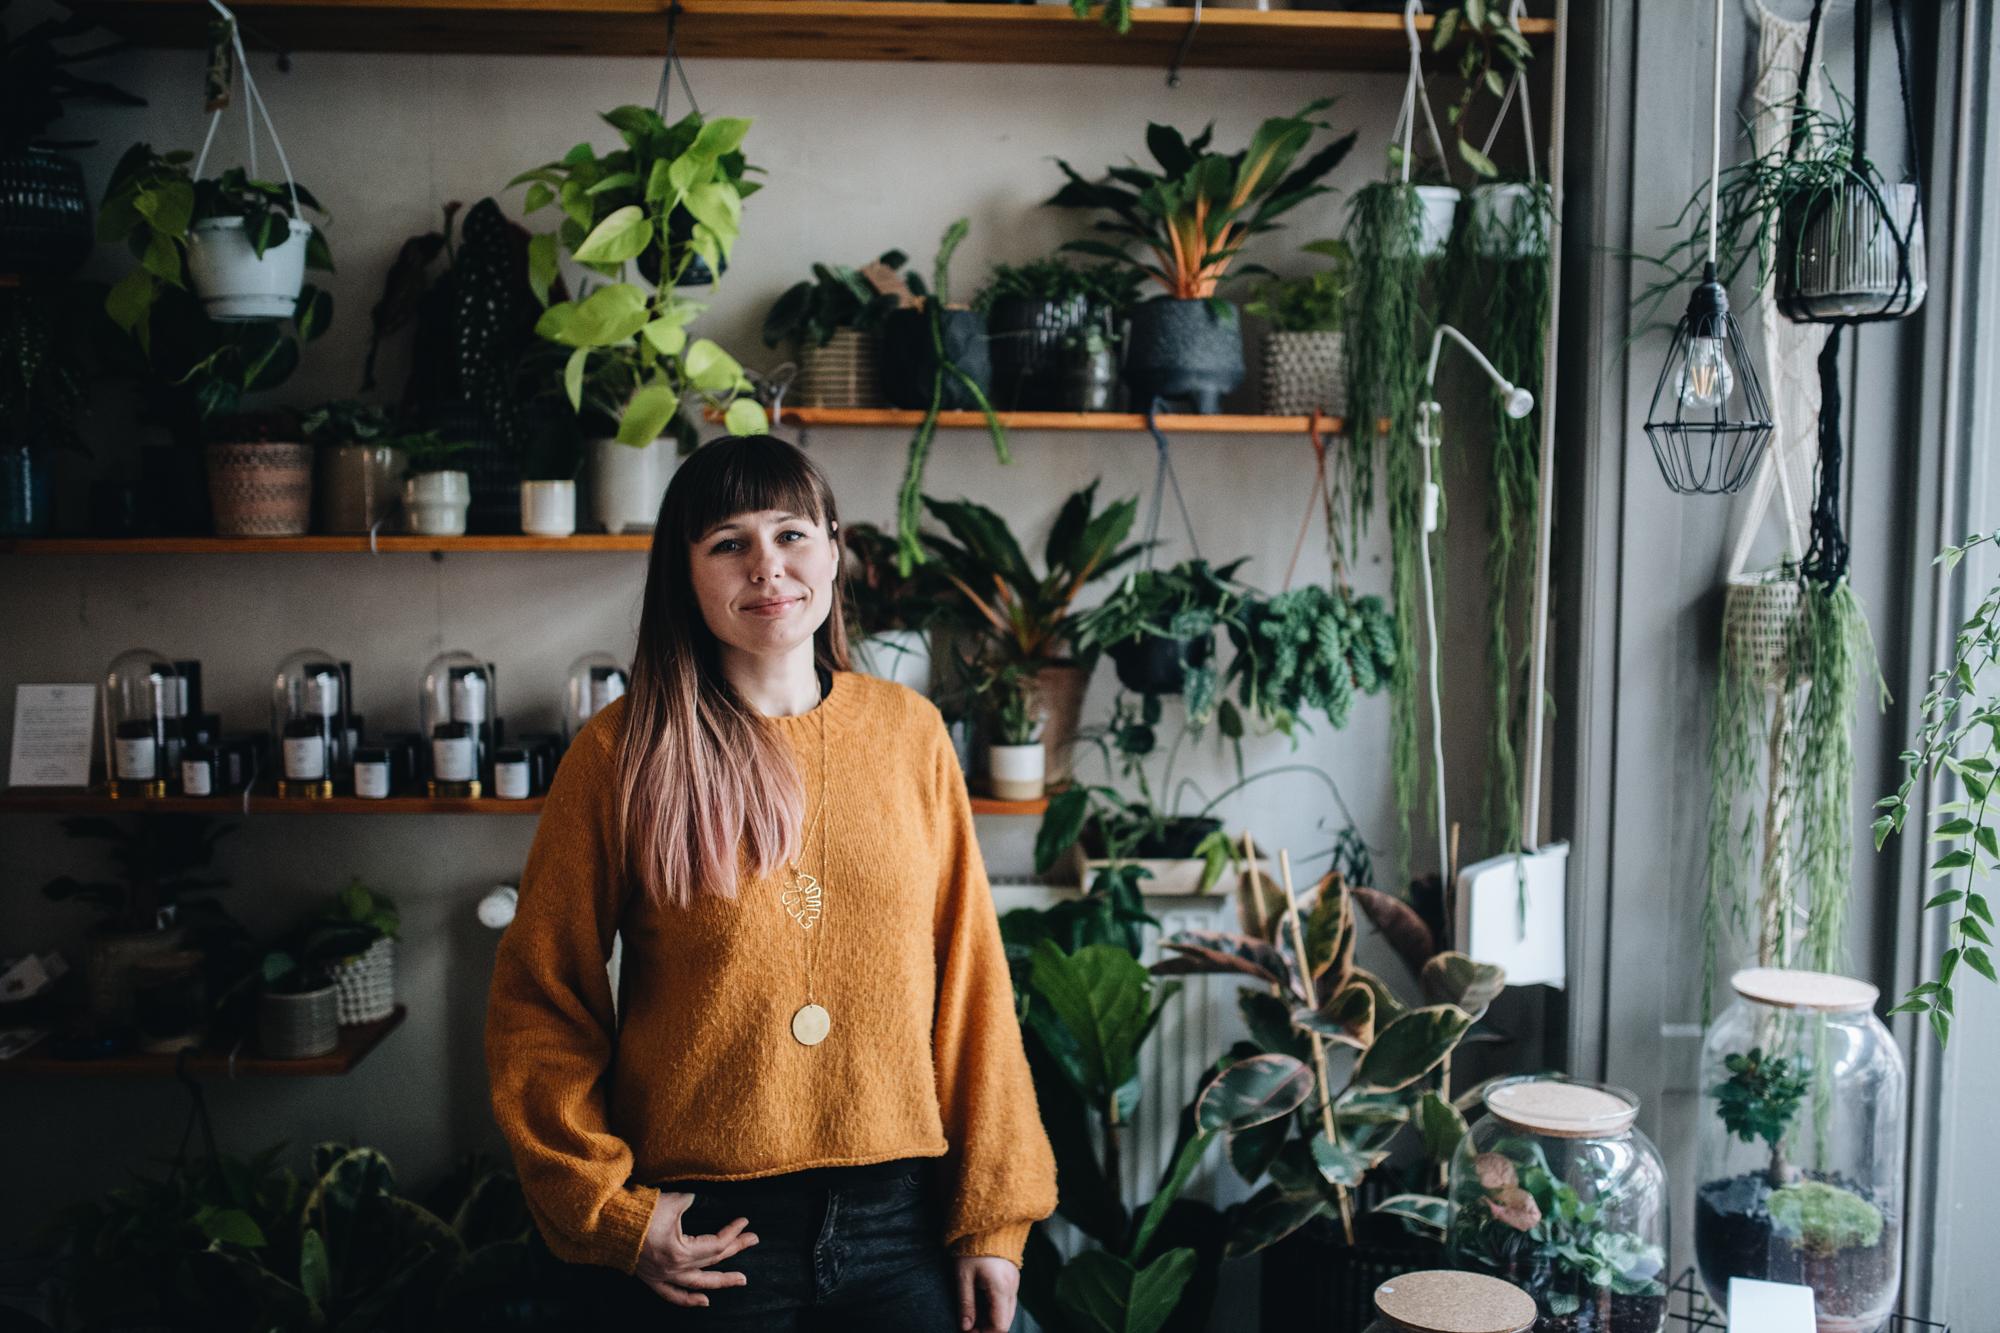 """Der Plant Circle Store von Pflanzen-Expertin Monika Kalinowska bietet neben einer großen Auswahl an Zimmerpflanzen - Trommelwirbel - die heißbegehrten Pflanzenterrarien an. Ob nun zum Direktkauf, oder in einem Ihrer Workshops. Wir haben Ihr """"etwas"""" genauer über die Schulter geschaut. Zusammen mit Monika gibt es hier nun das Pflanzenterrarium zum Selbermachen!"""